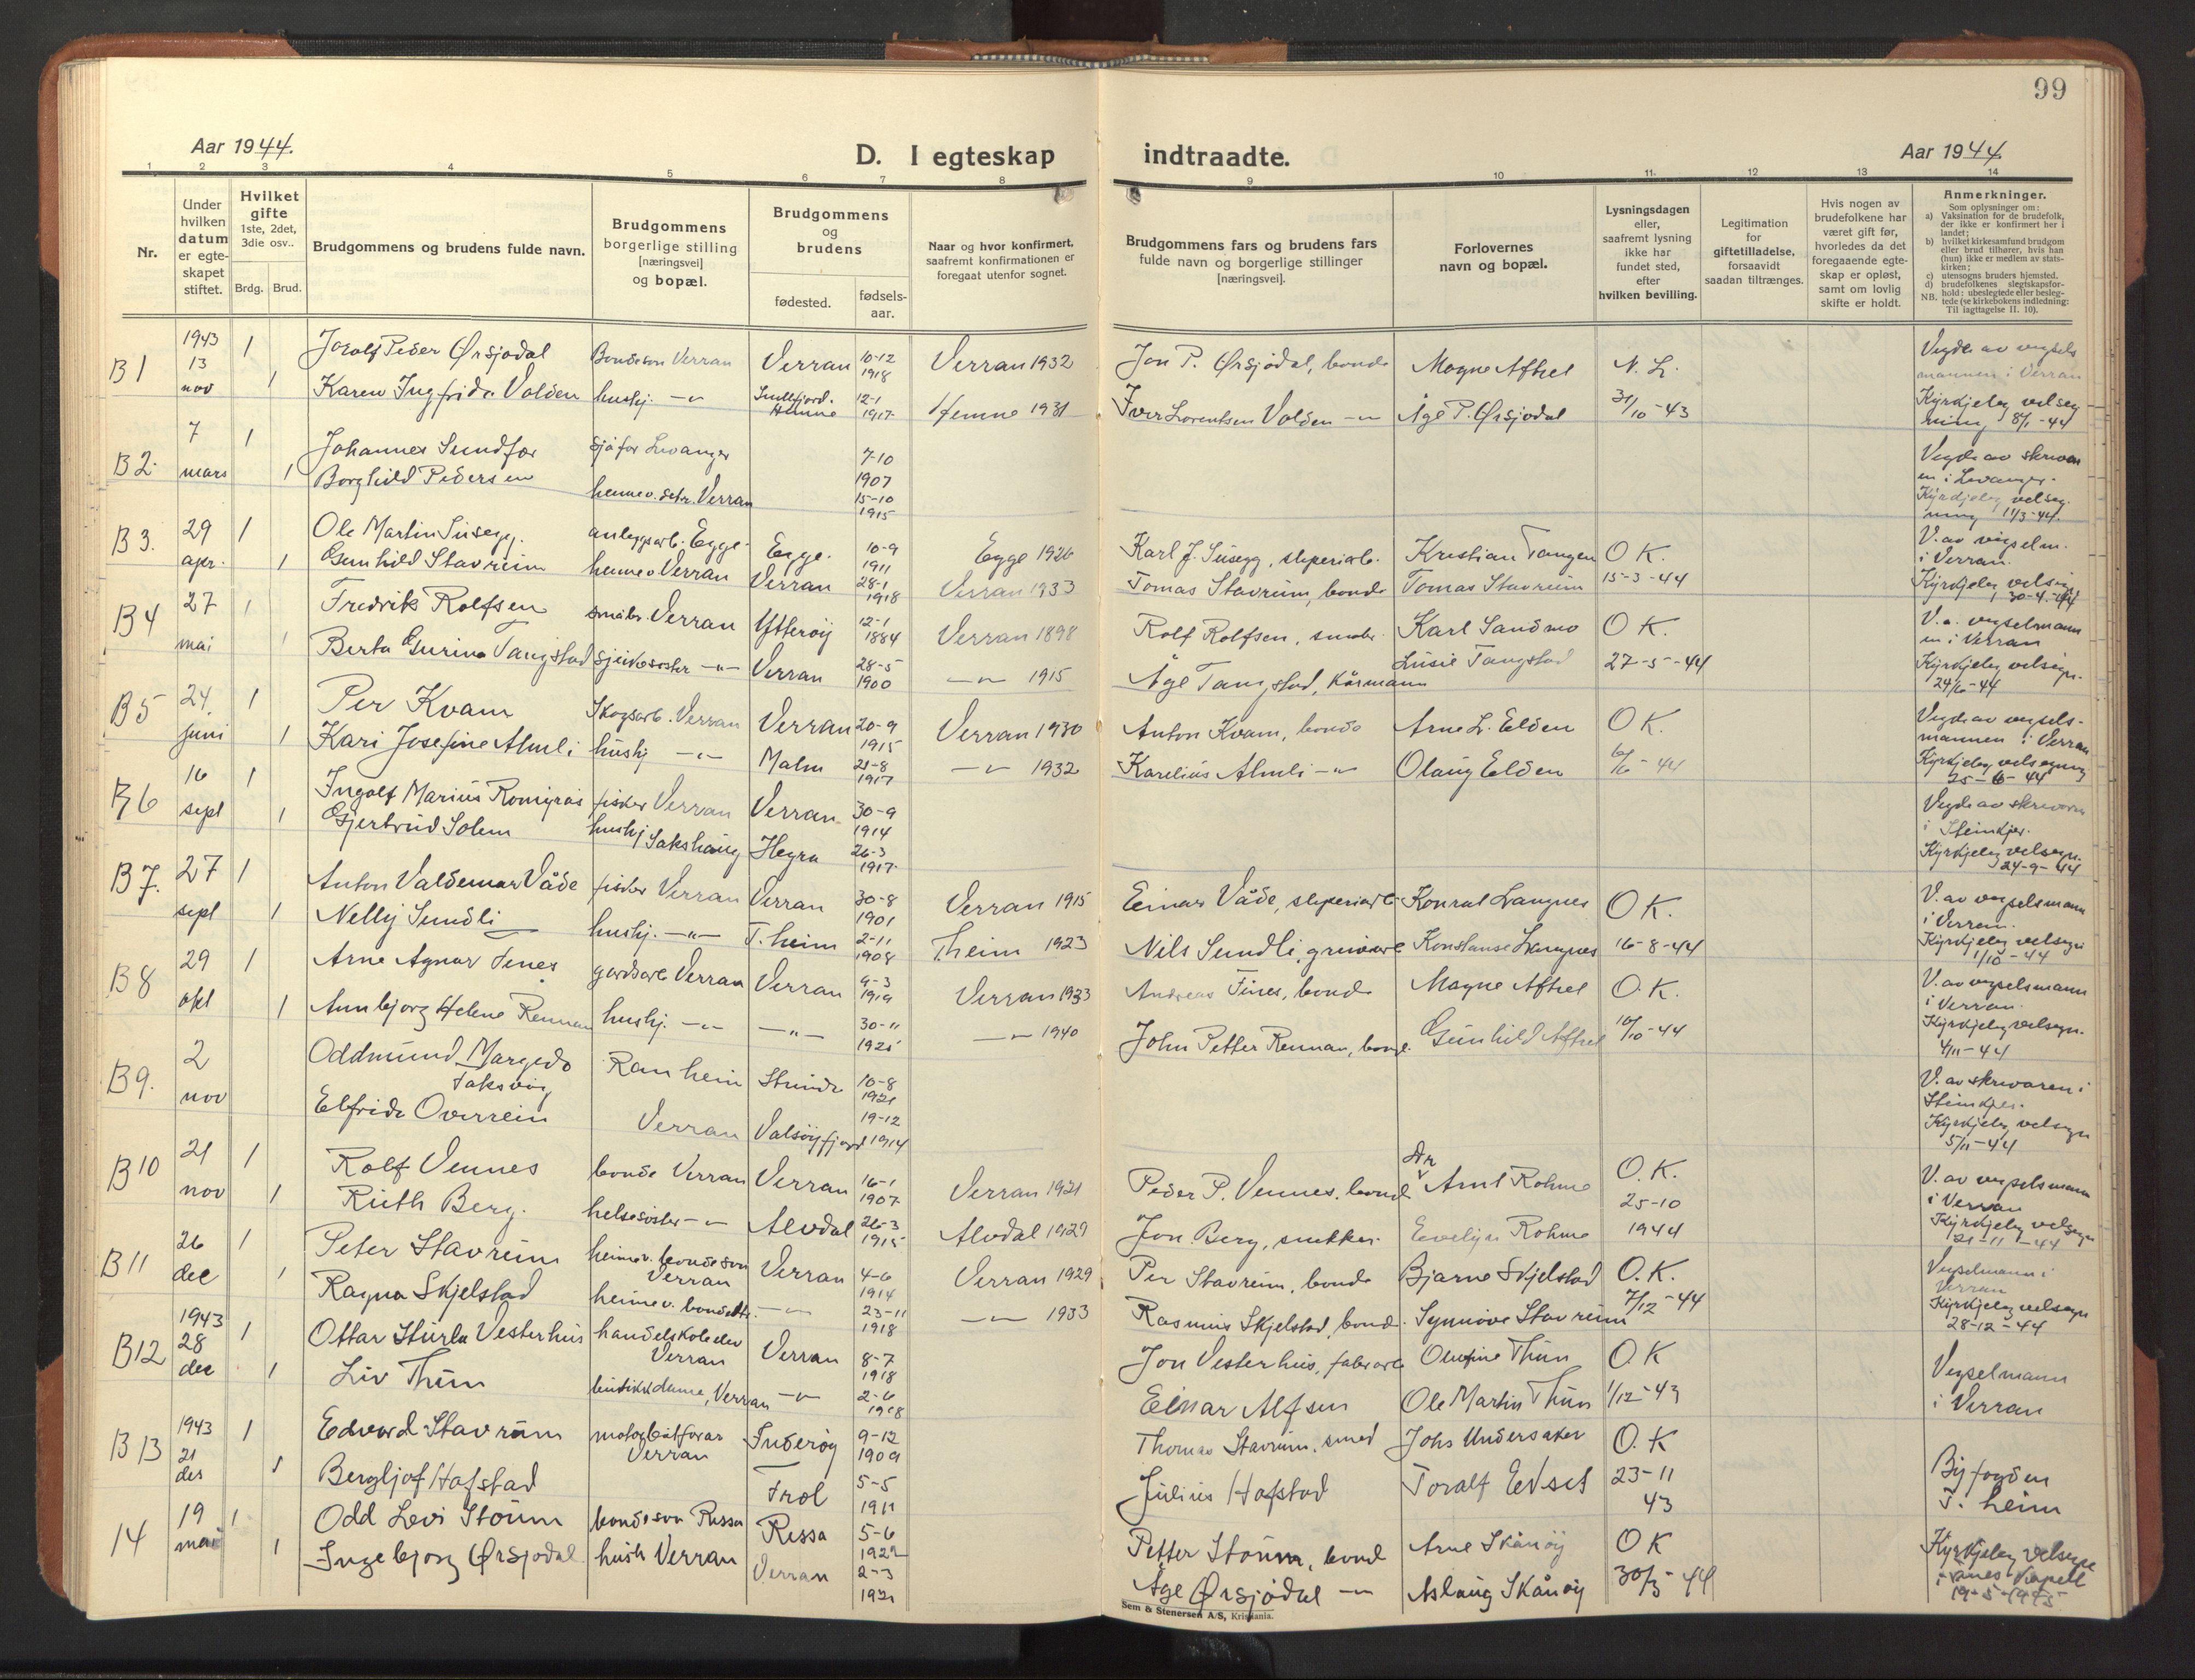 SAT, Ministerialprotokoller, klokkerbøker og fødselsregistre - Nord-Trøndelag, 744/L0425: Klokkerbok nr. 744C04, 1924-1947, s. 99